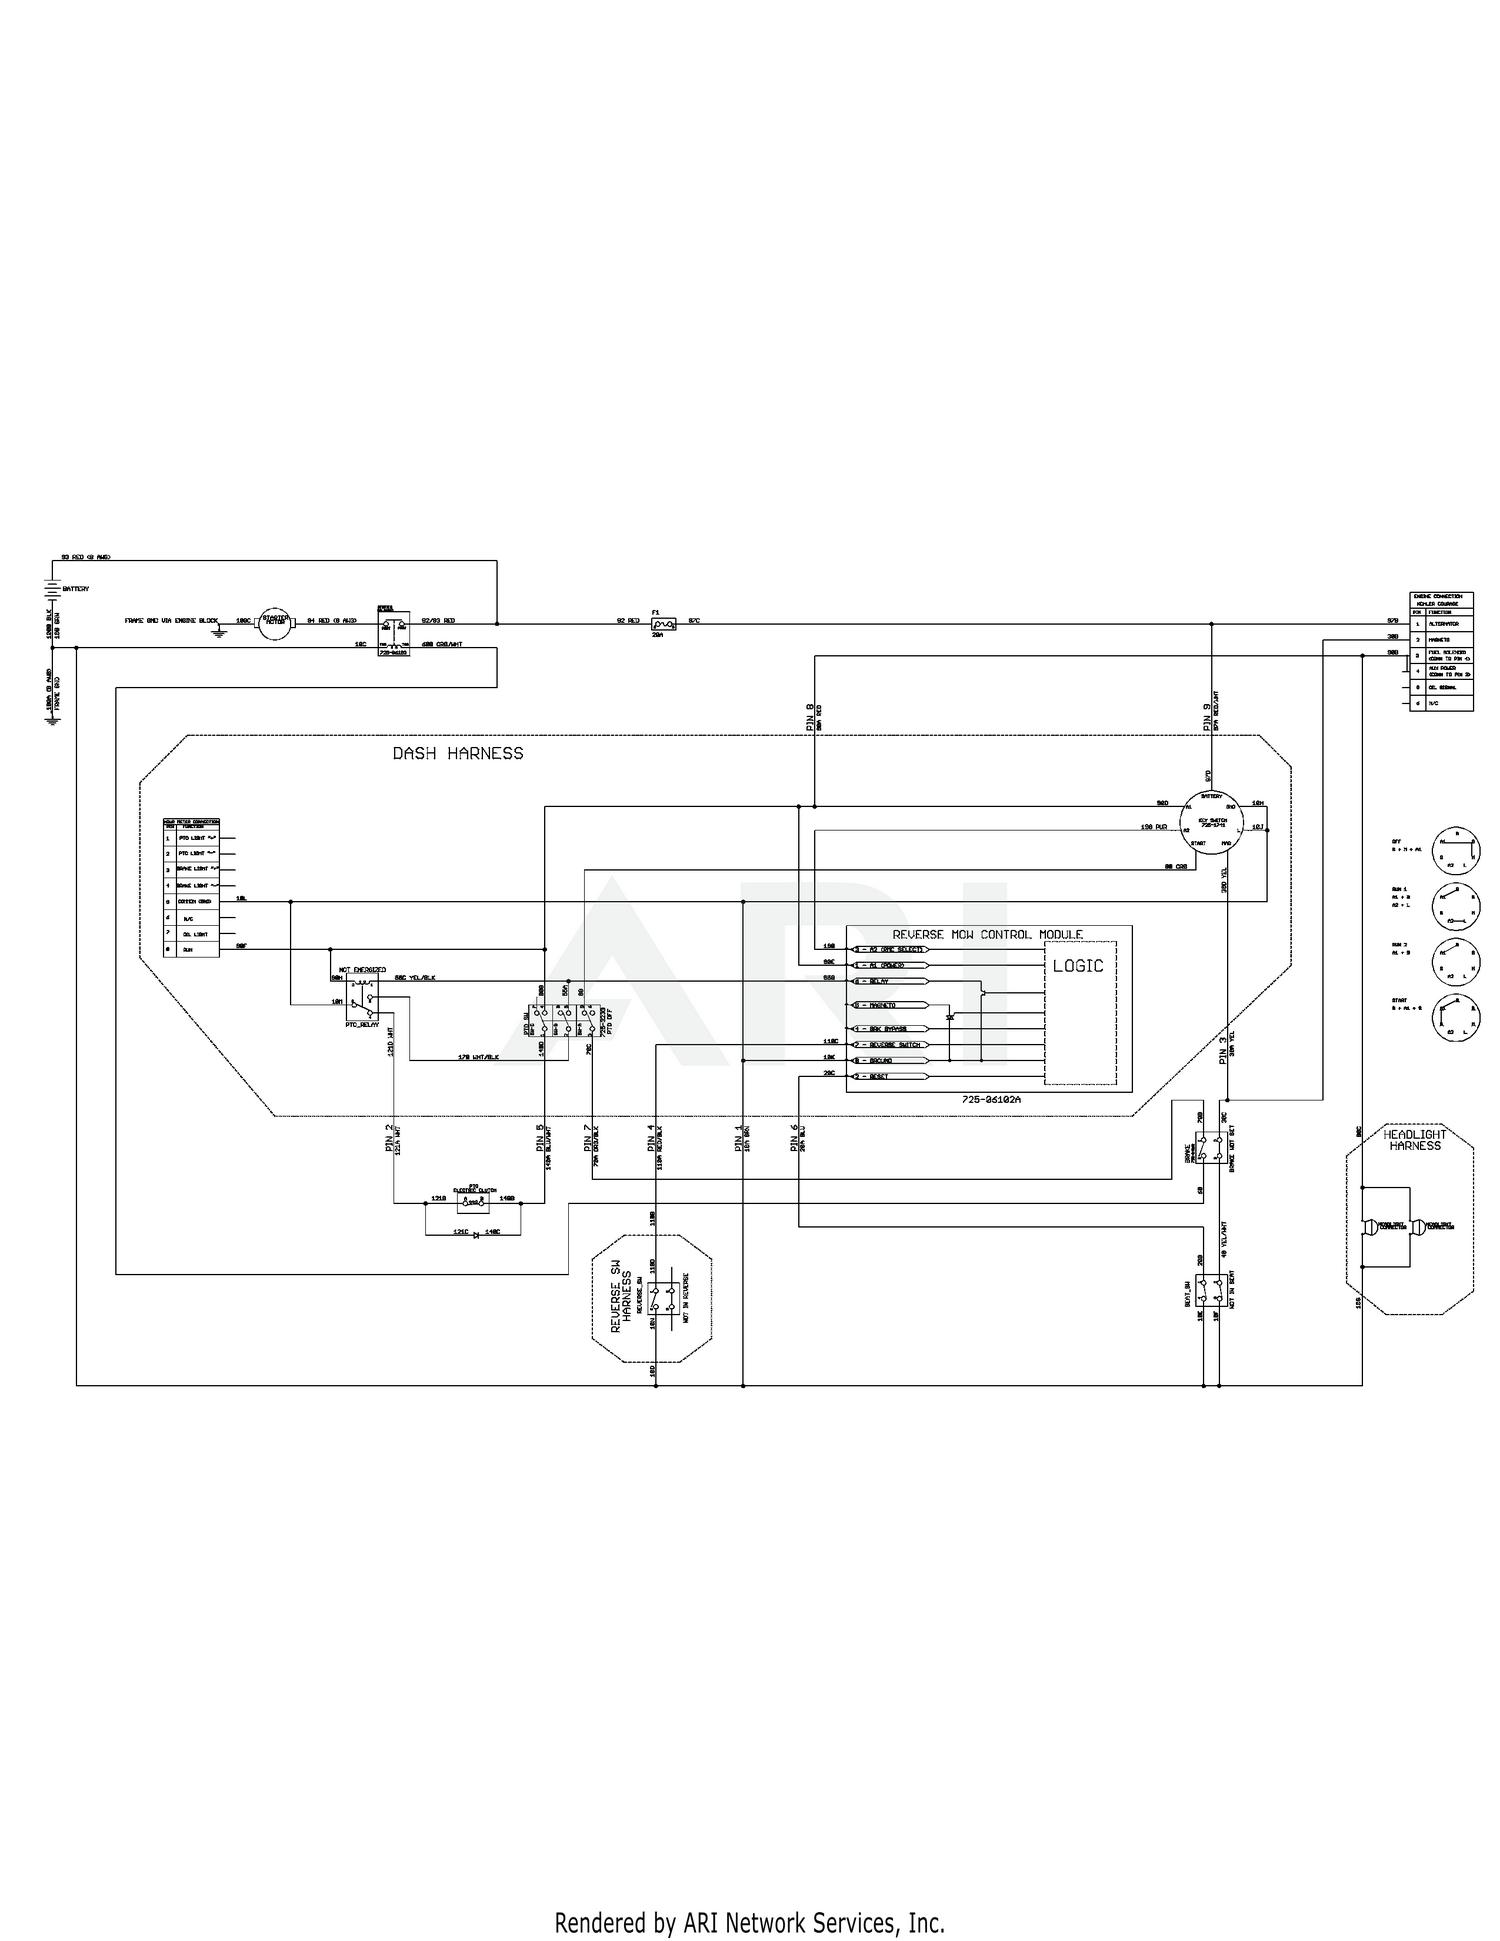 Cub Cadet XT1-LT50 Tractor (2015) 13AQA1CQ009 (2015) 13AQA1CQ010 (2015)  13AQA1CQ056 (2015) 13WQA1CQ009 (2015) 13WQA1CQ010 (2015) Electrical  Schematic - Electric PTOWeingartz